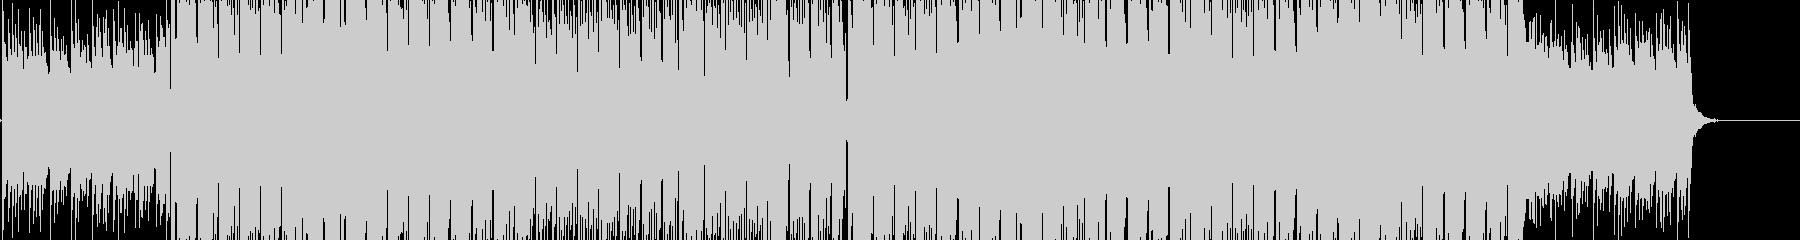 リズミカルポップBGMの未再生の波形